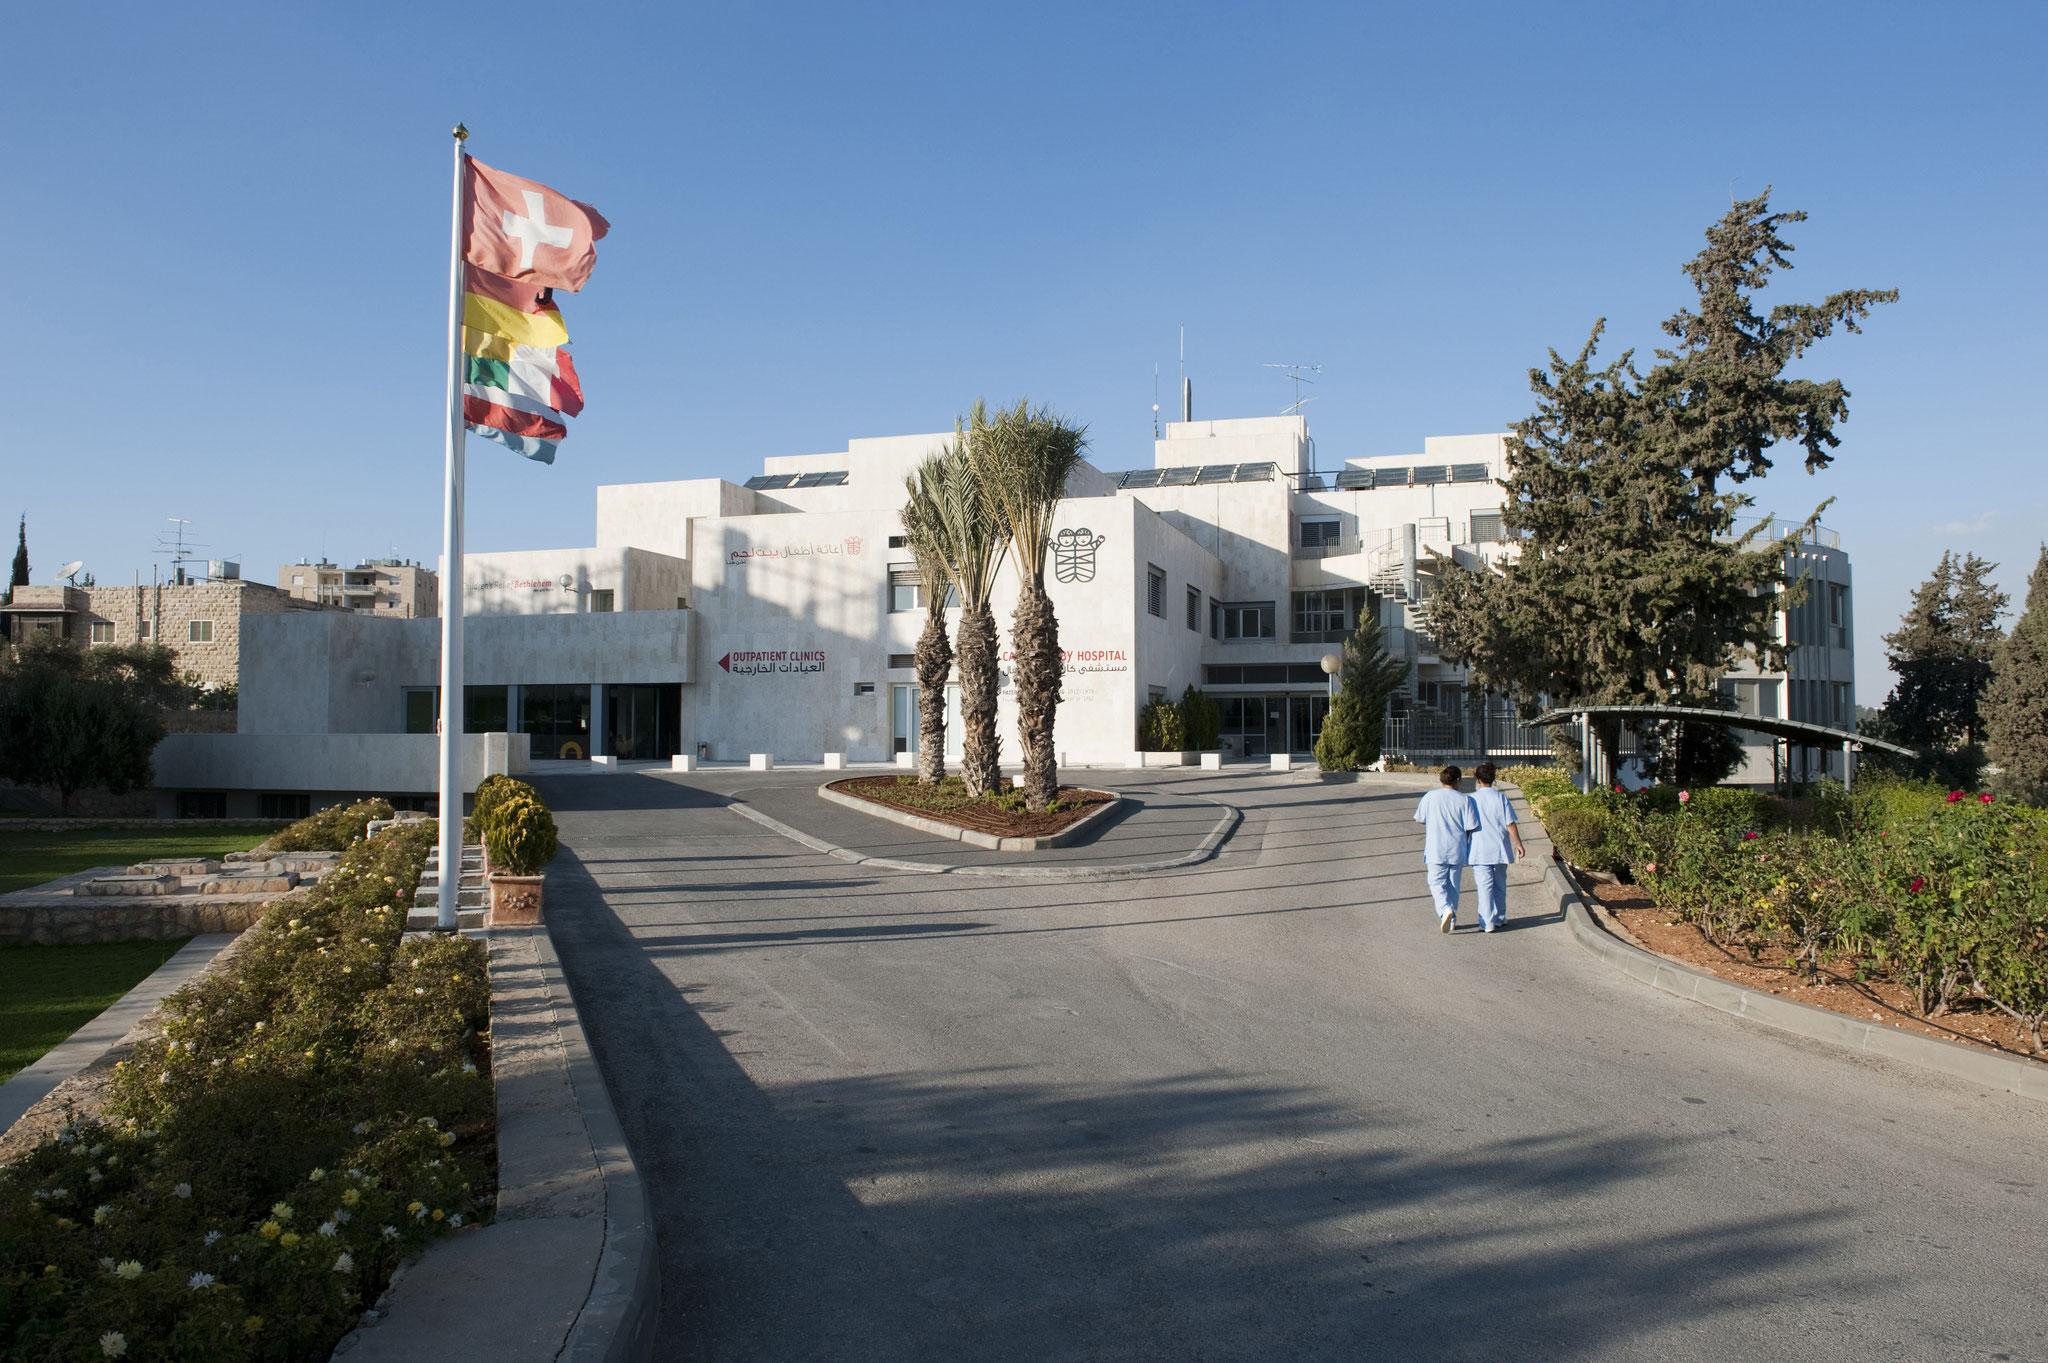 Seit über 65 Jahren hält das Caritas Baby Hospital seine Türen für alle kranken Kinder in Bethlehem offen. Foto: Meinrad Schade/KHB,